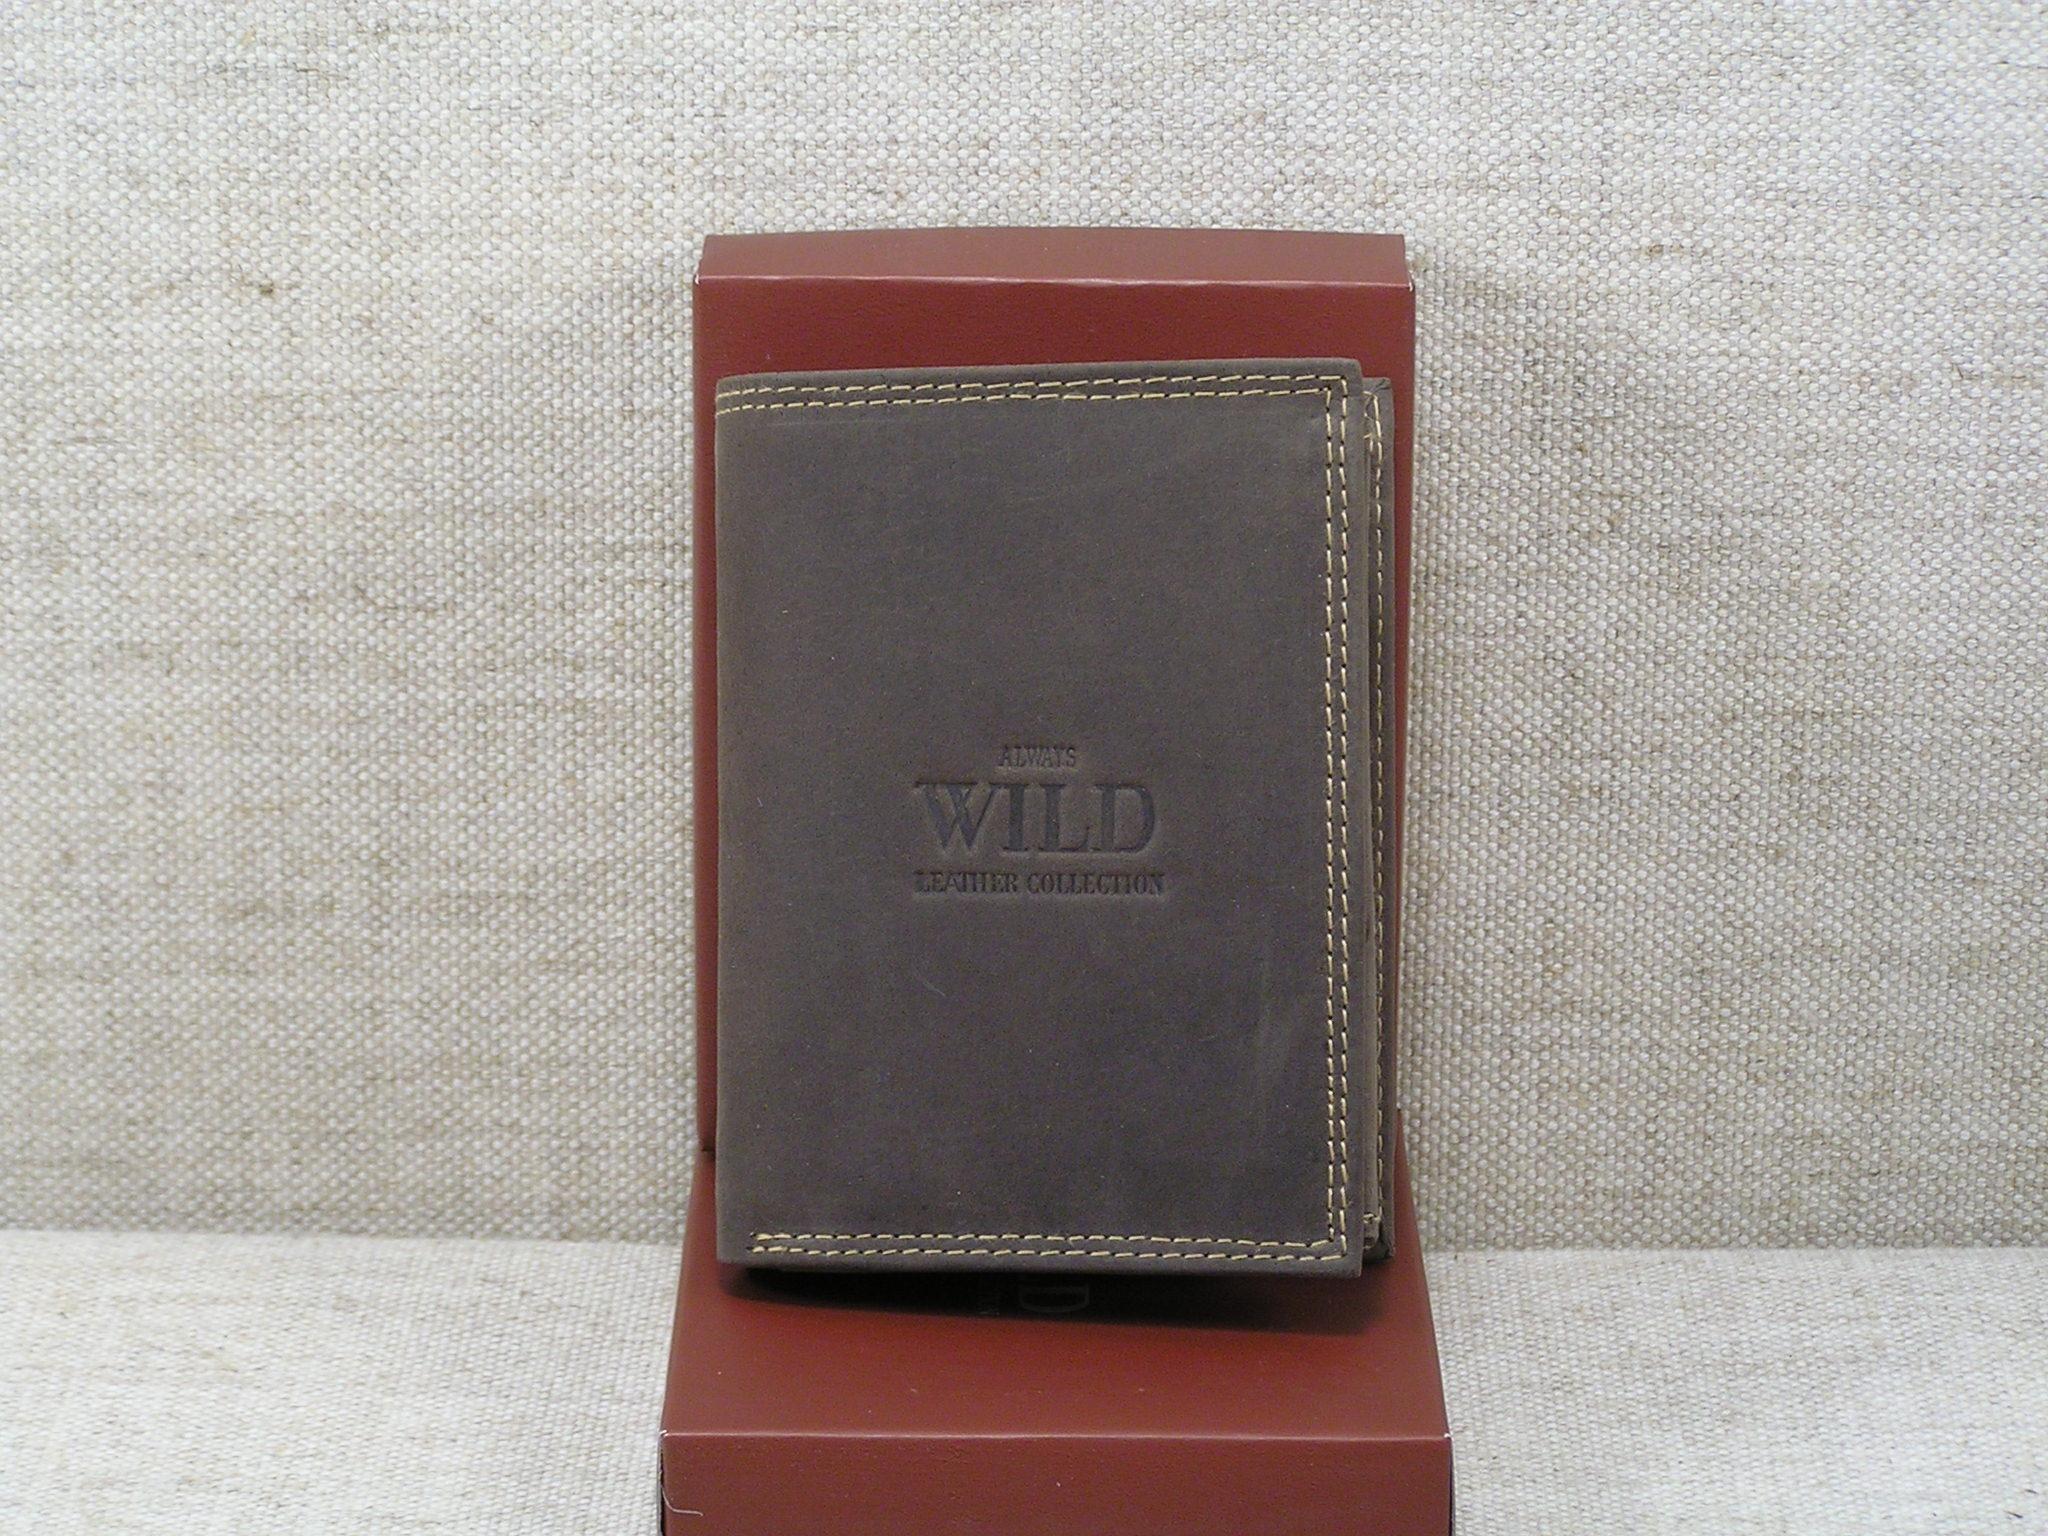 f408fc1de8dc6 Pánská kožená peněženka Always Wild -N4-MH hnědá - Greisi